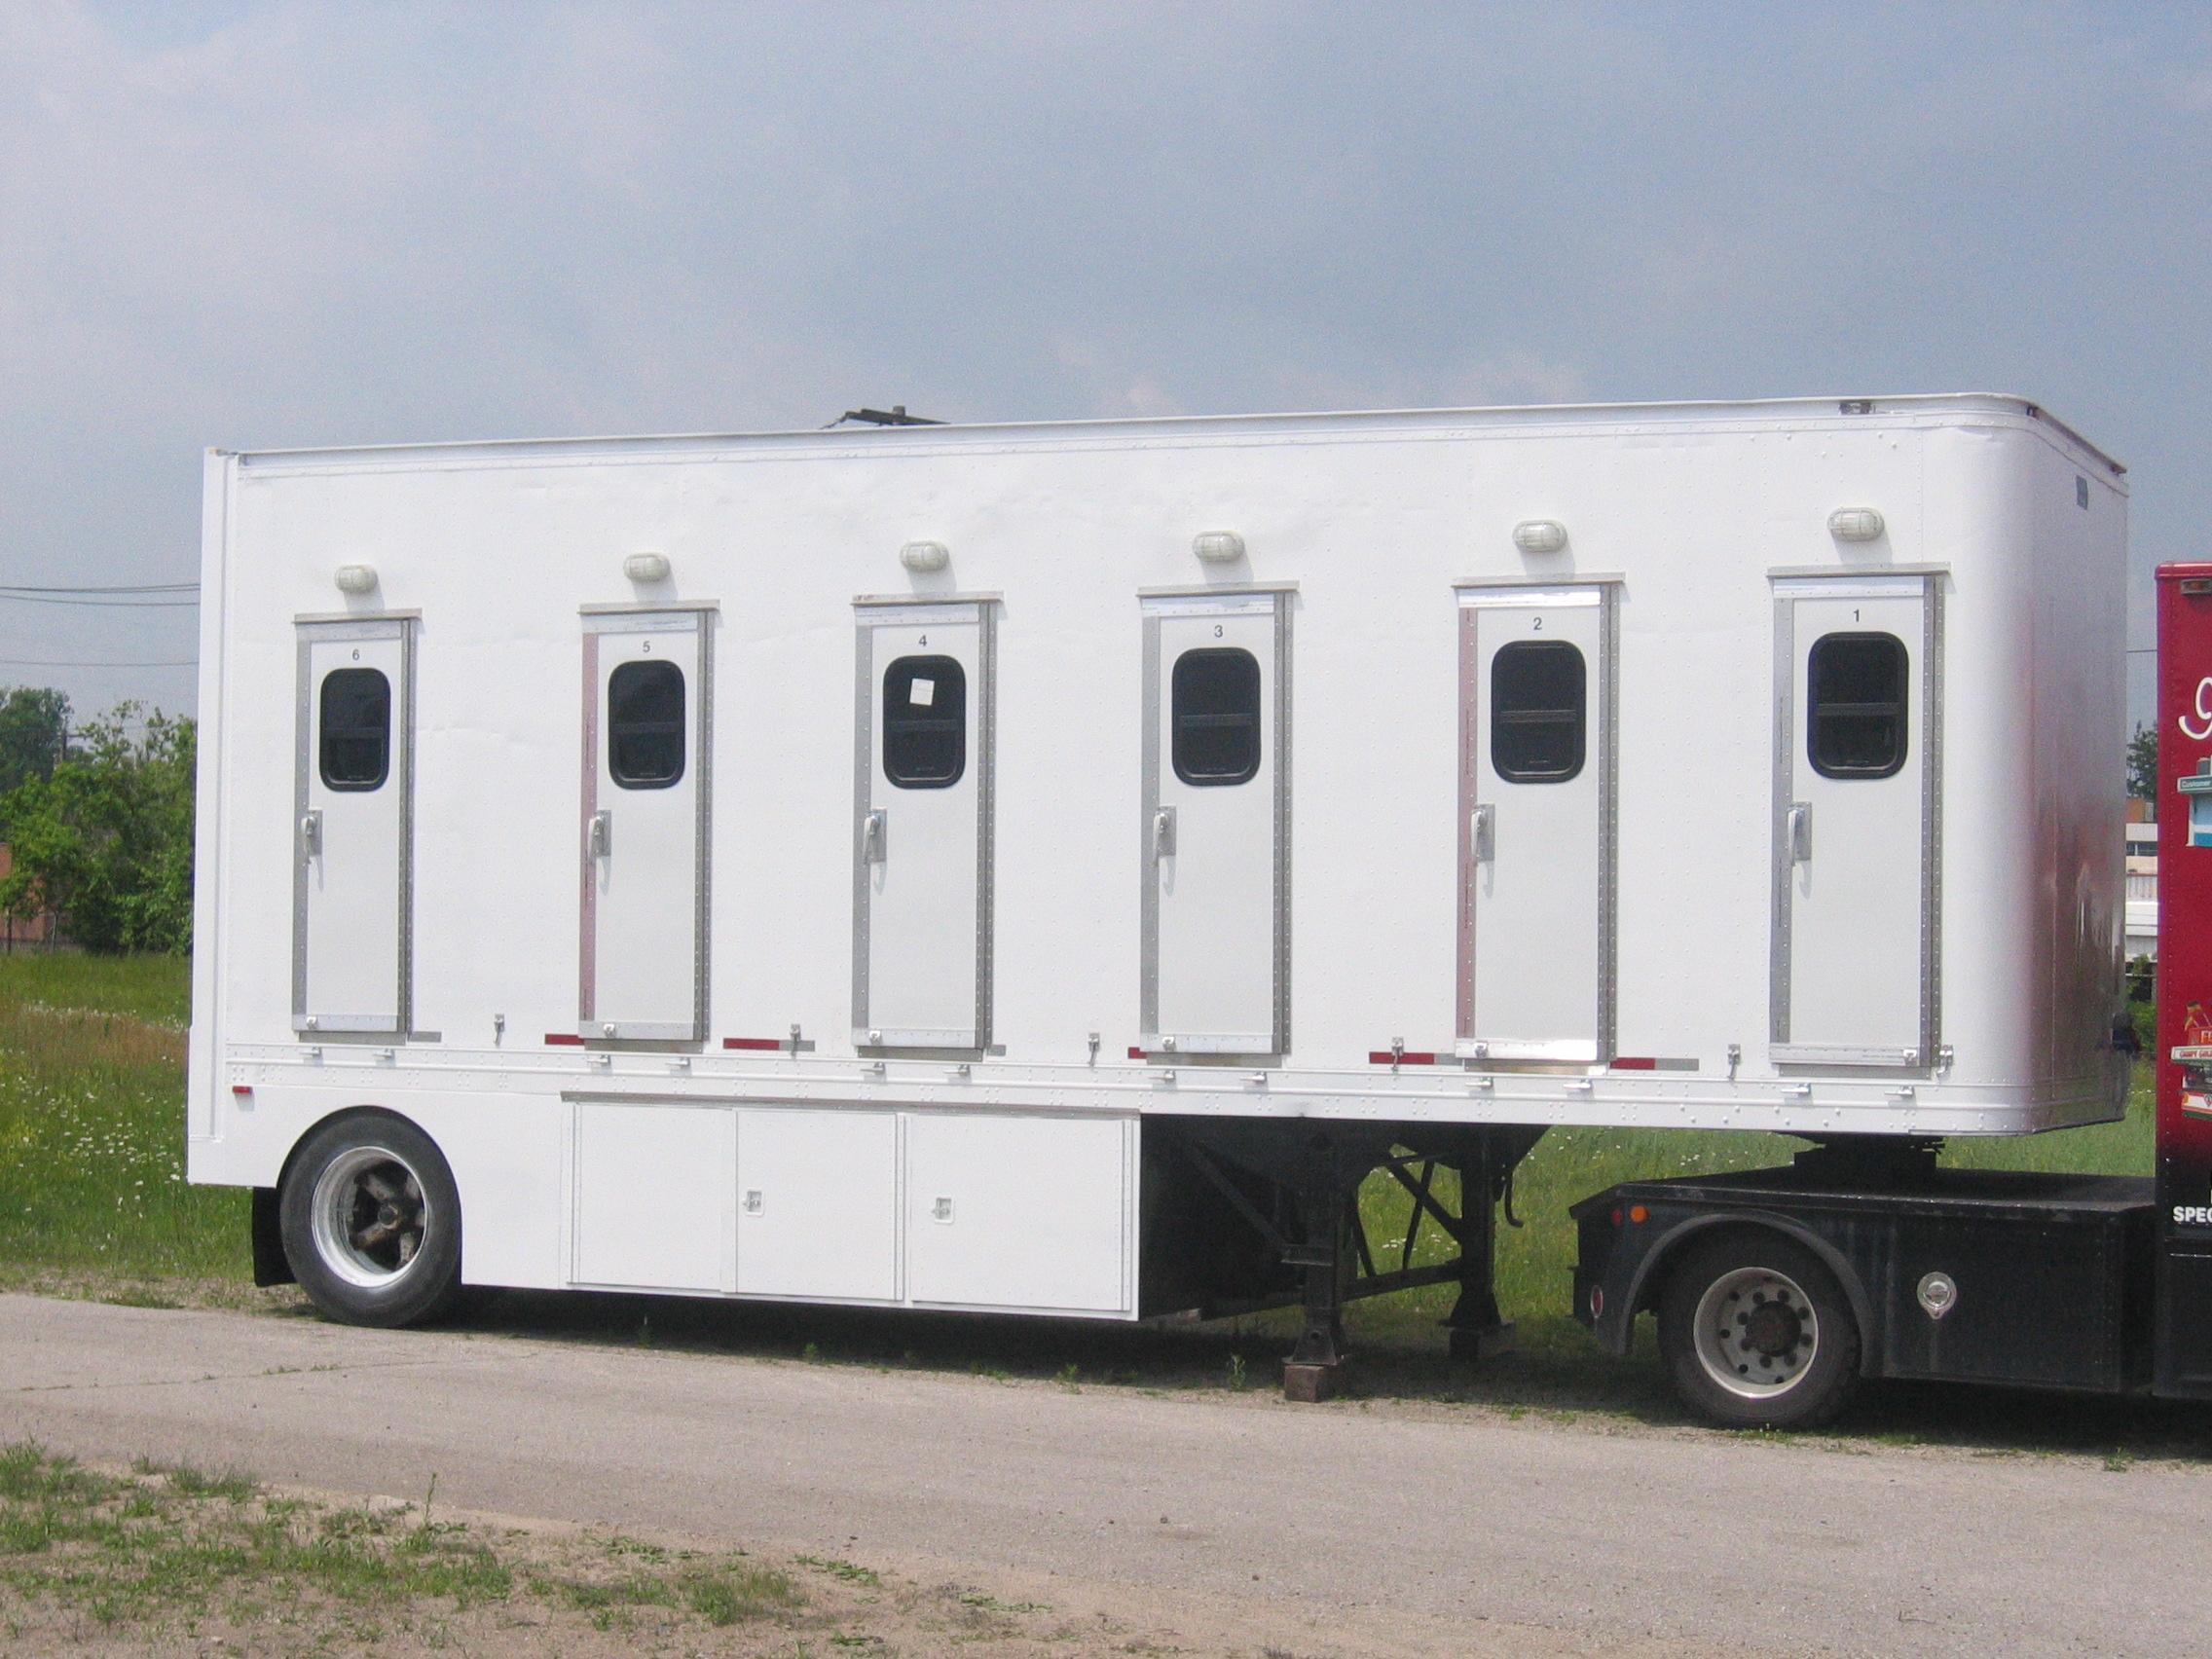 Mobile Bunkhouses